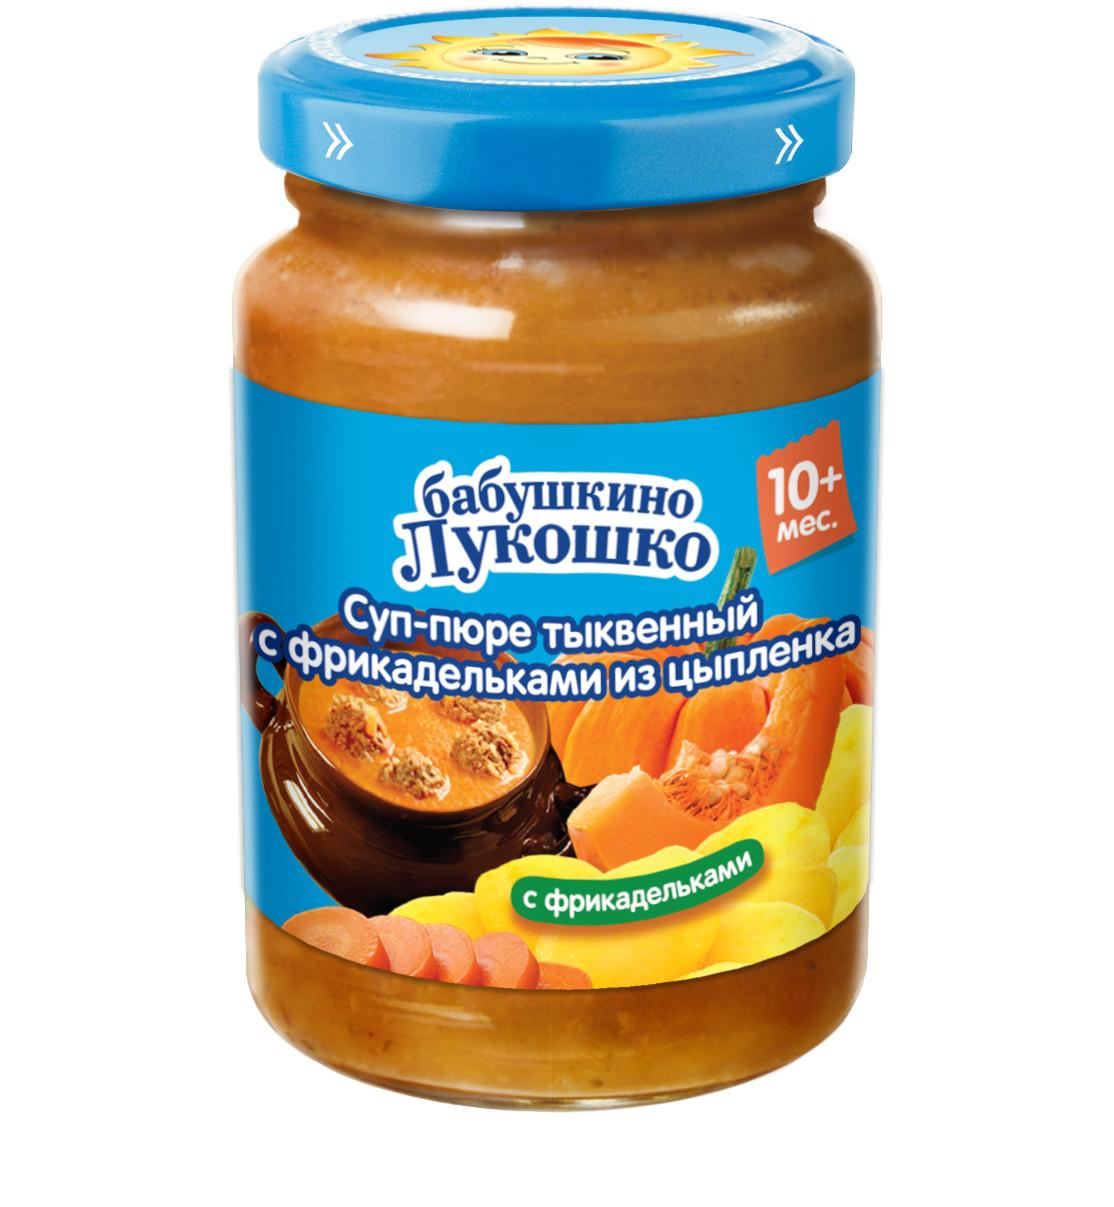 Супчики Бабушкино лукошко тыквенный с фрикадельками из цыпленка с 10 мес. 190 г бабушкино лукошко яблоко слива пюре с 5 месяцев 200 г 6 шт